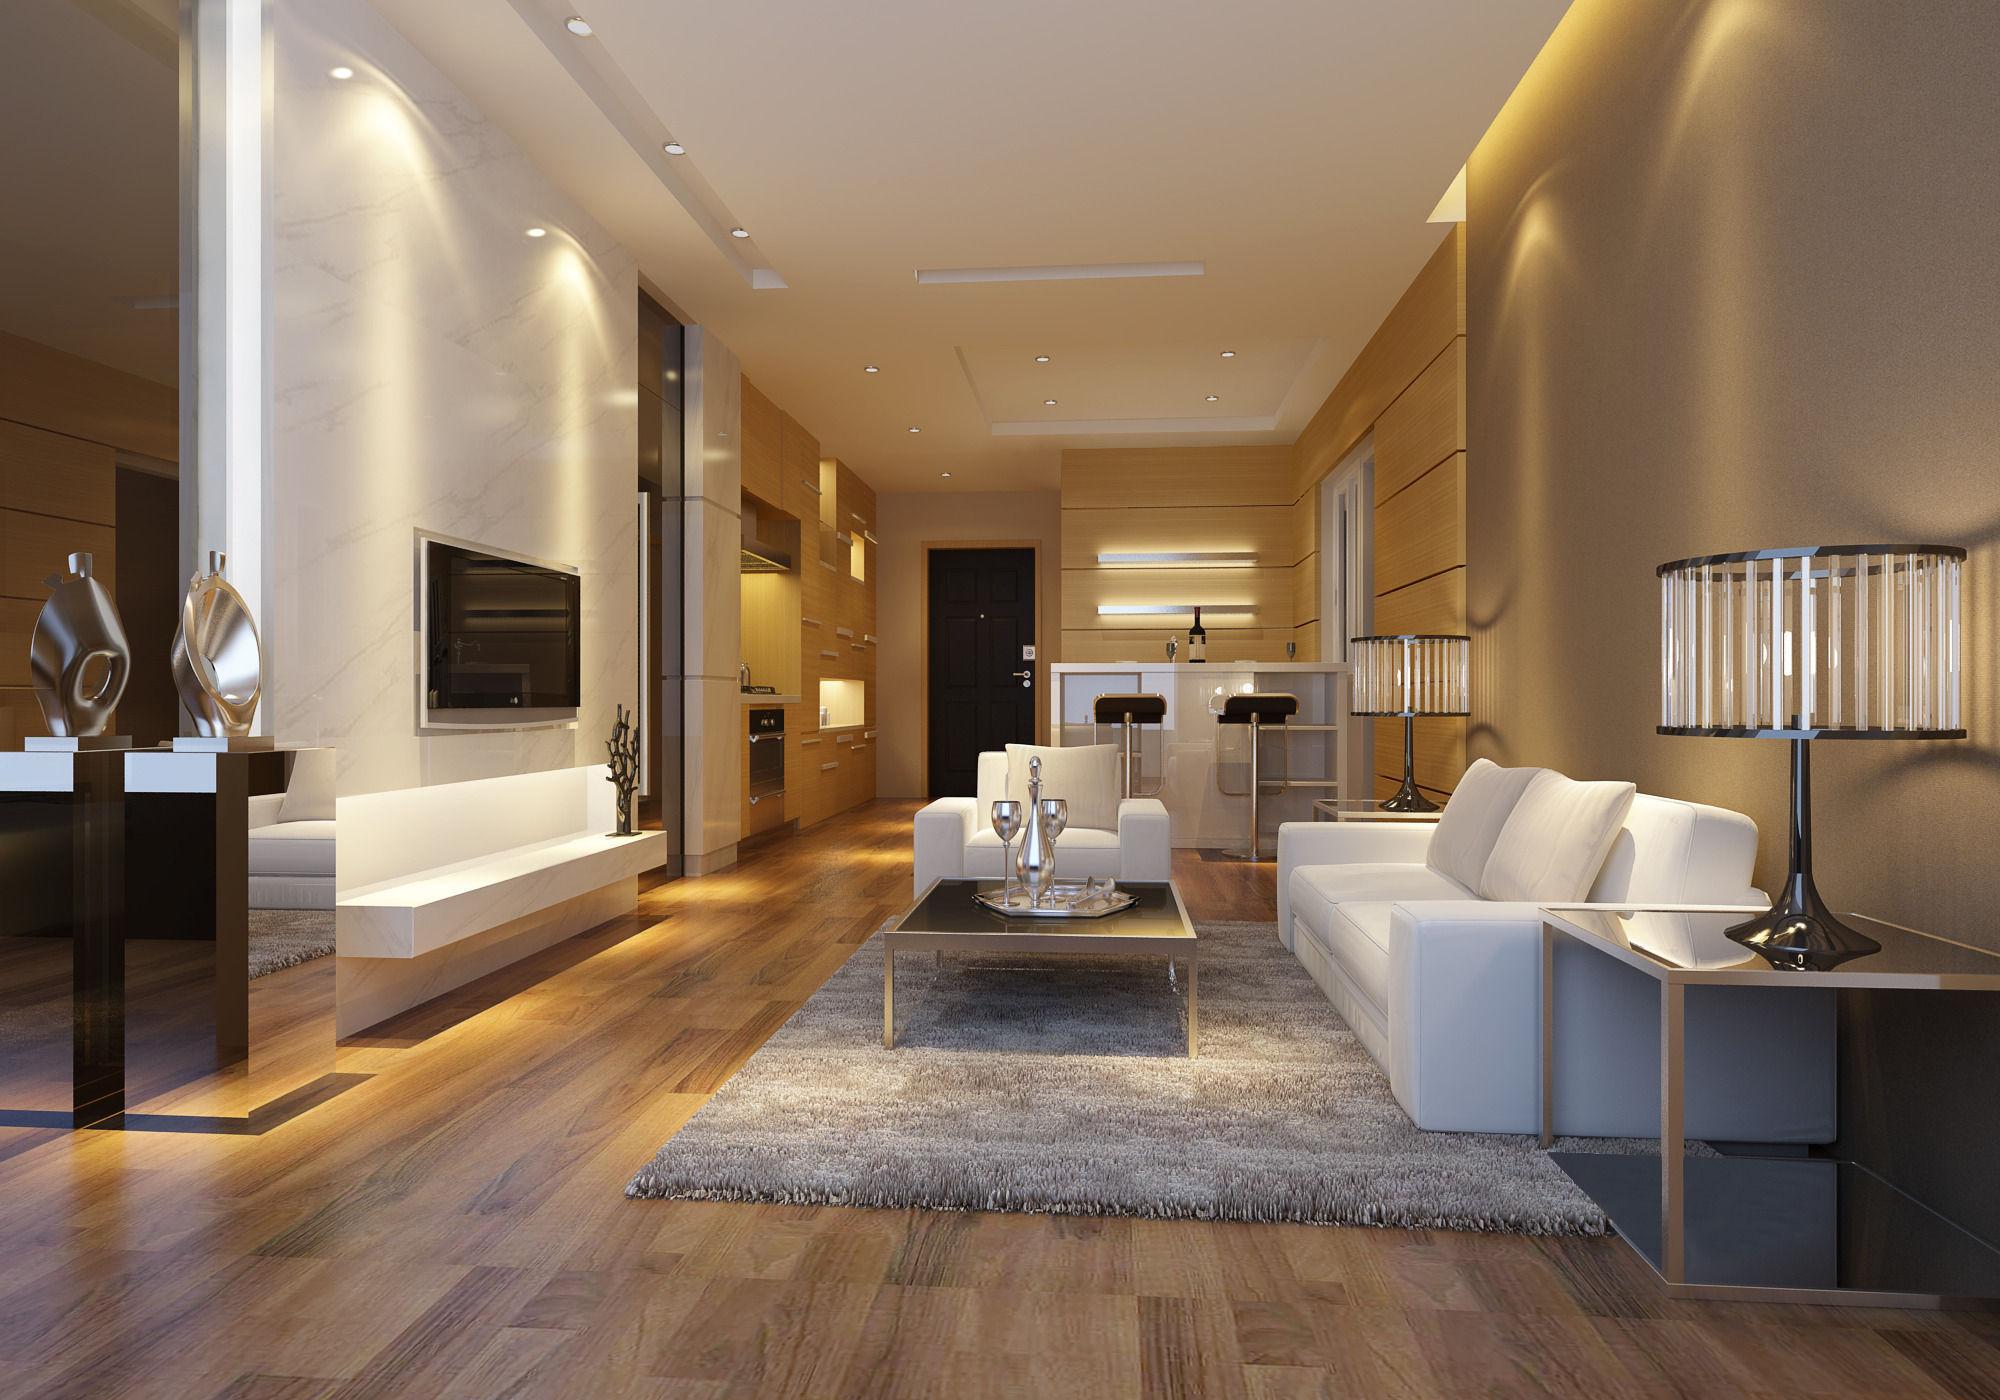 Realistic interior design 273 3d model max for New model interior design